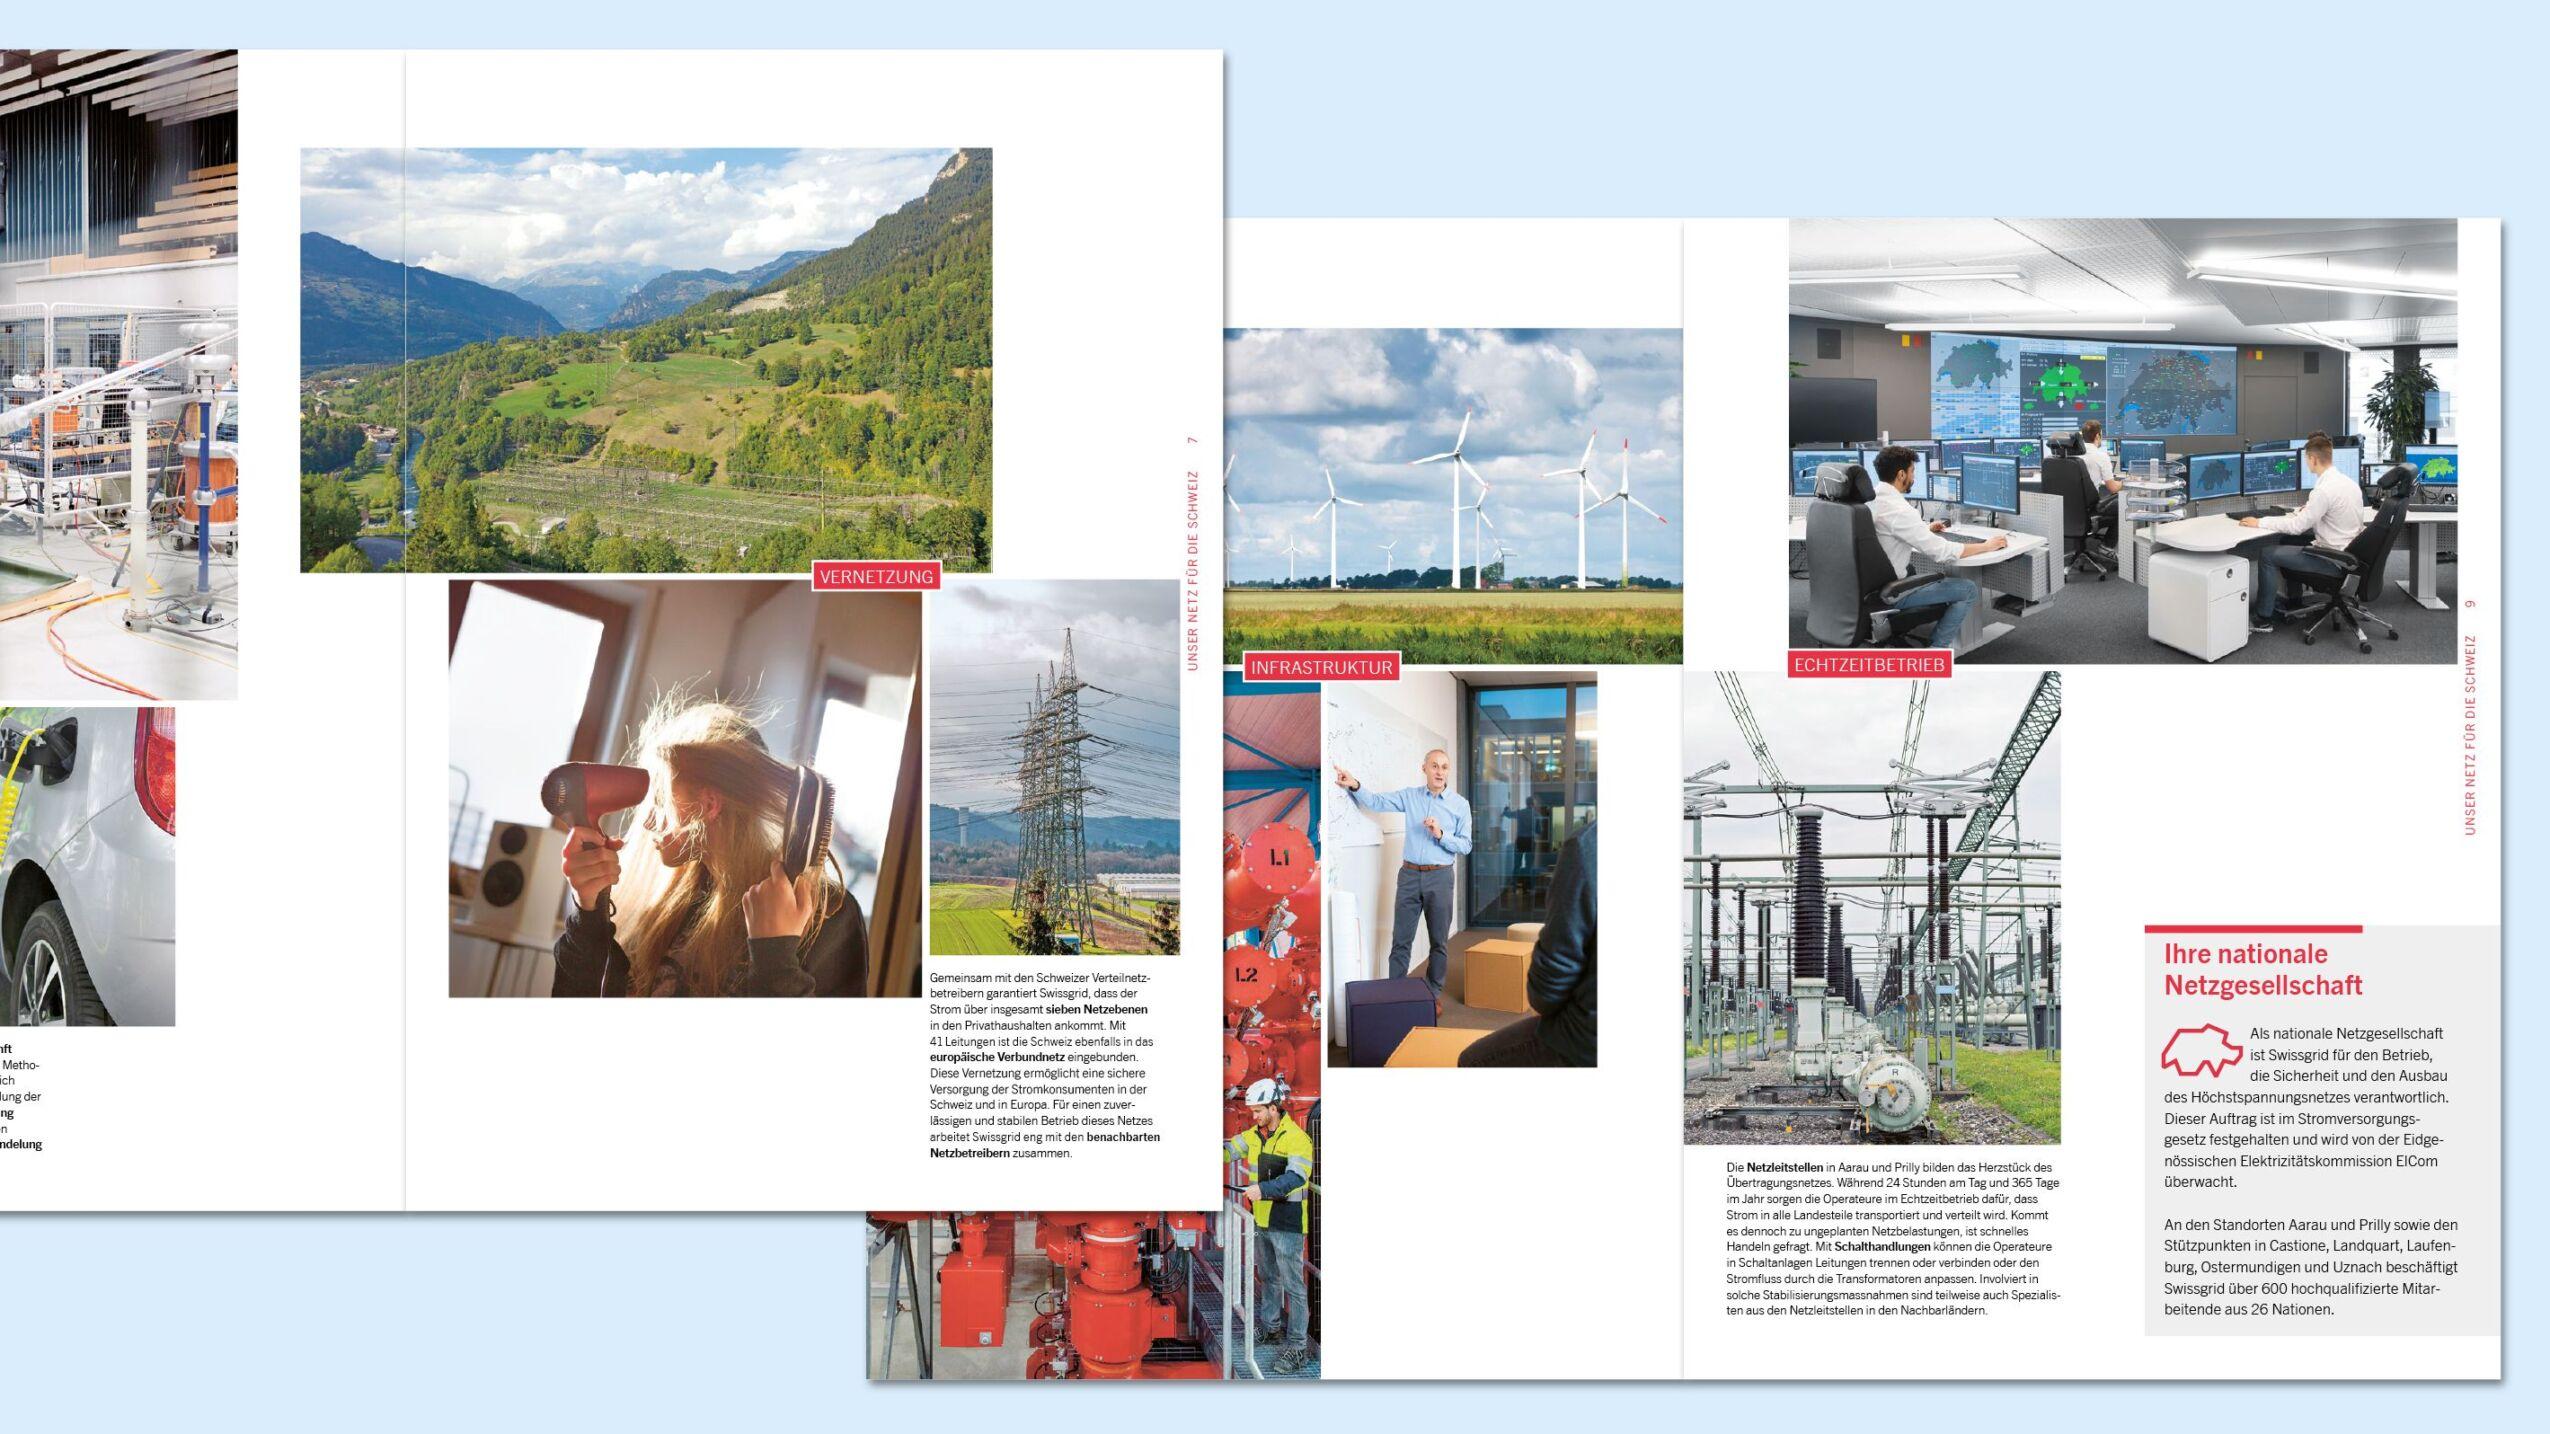 Jahresberichterstattung für die Swissgrid